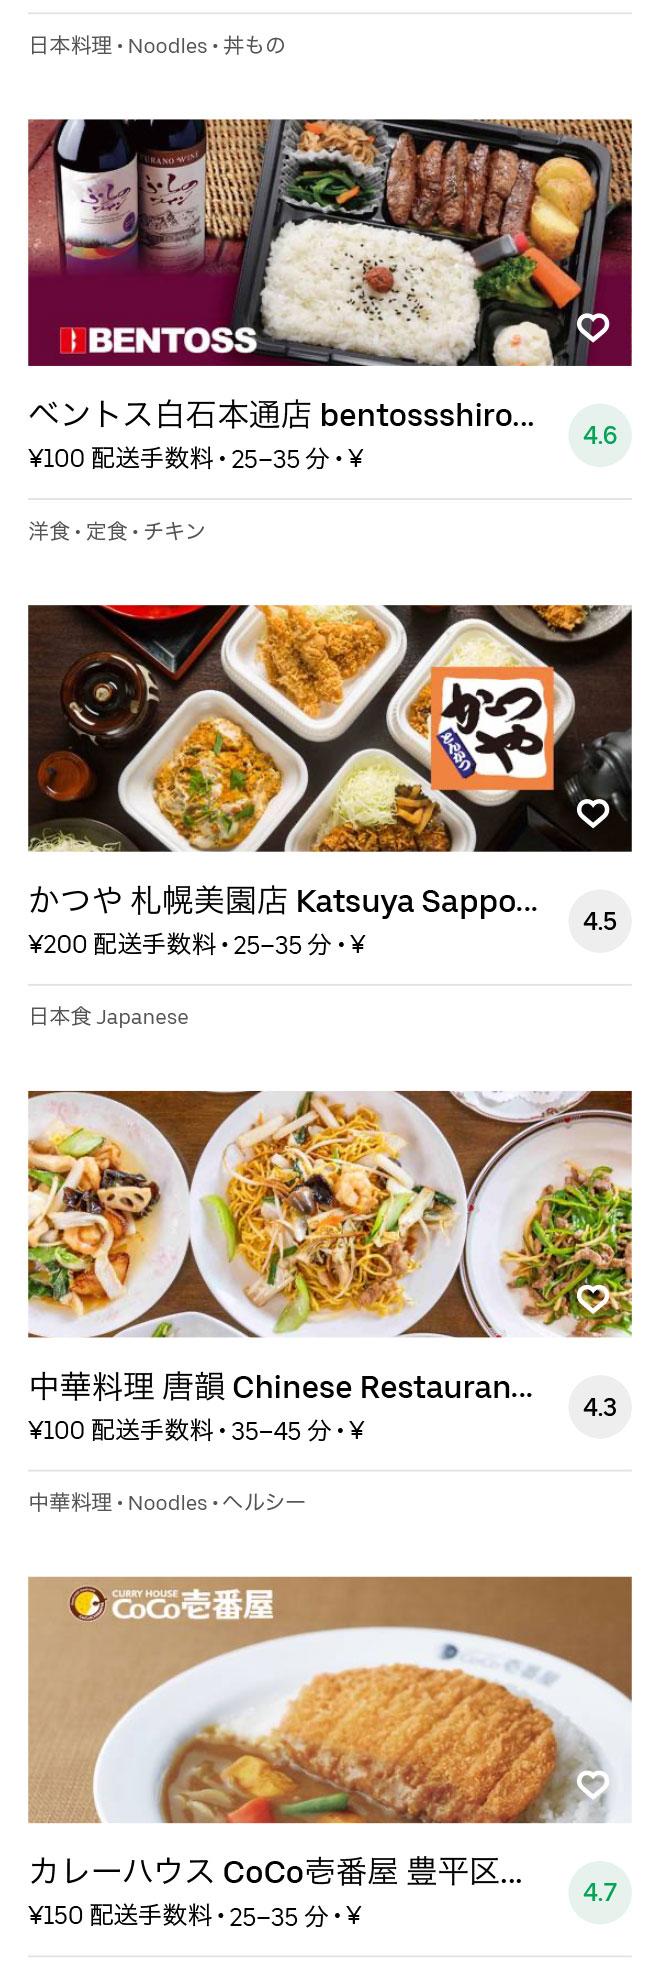 Nango7 menu 2008 02